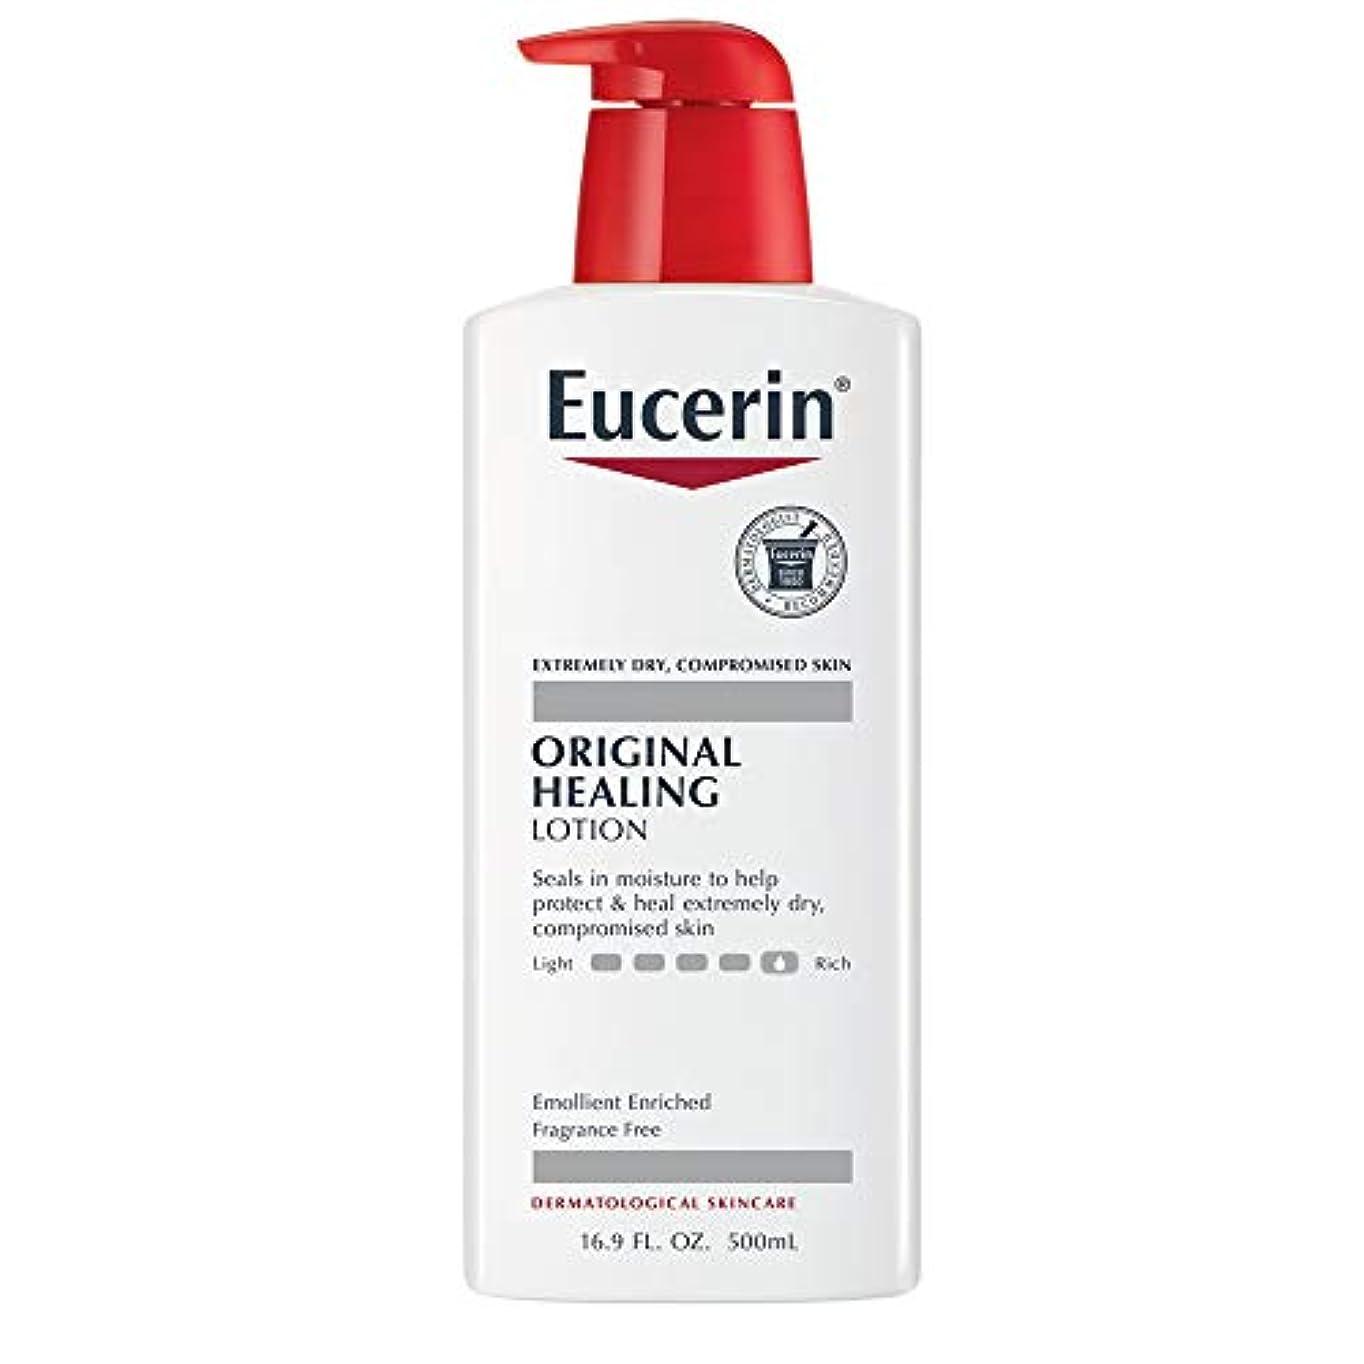 ハッチ汗トムオードリース海外直送肘 Eucerin Original Moisturizing Lotion For Dry And Sensitive Skin, 16.9 oz